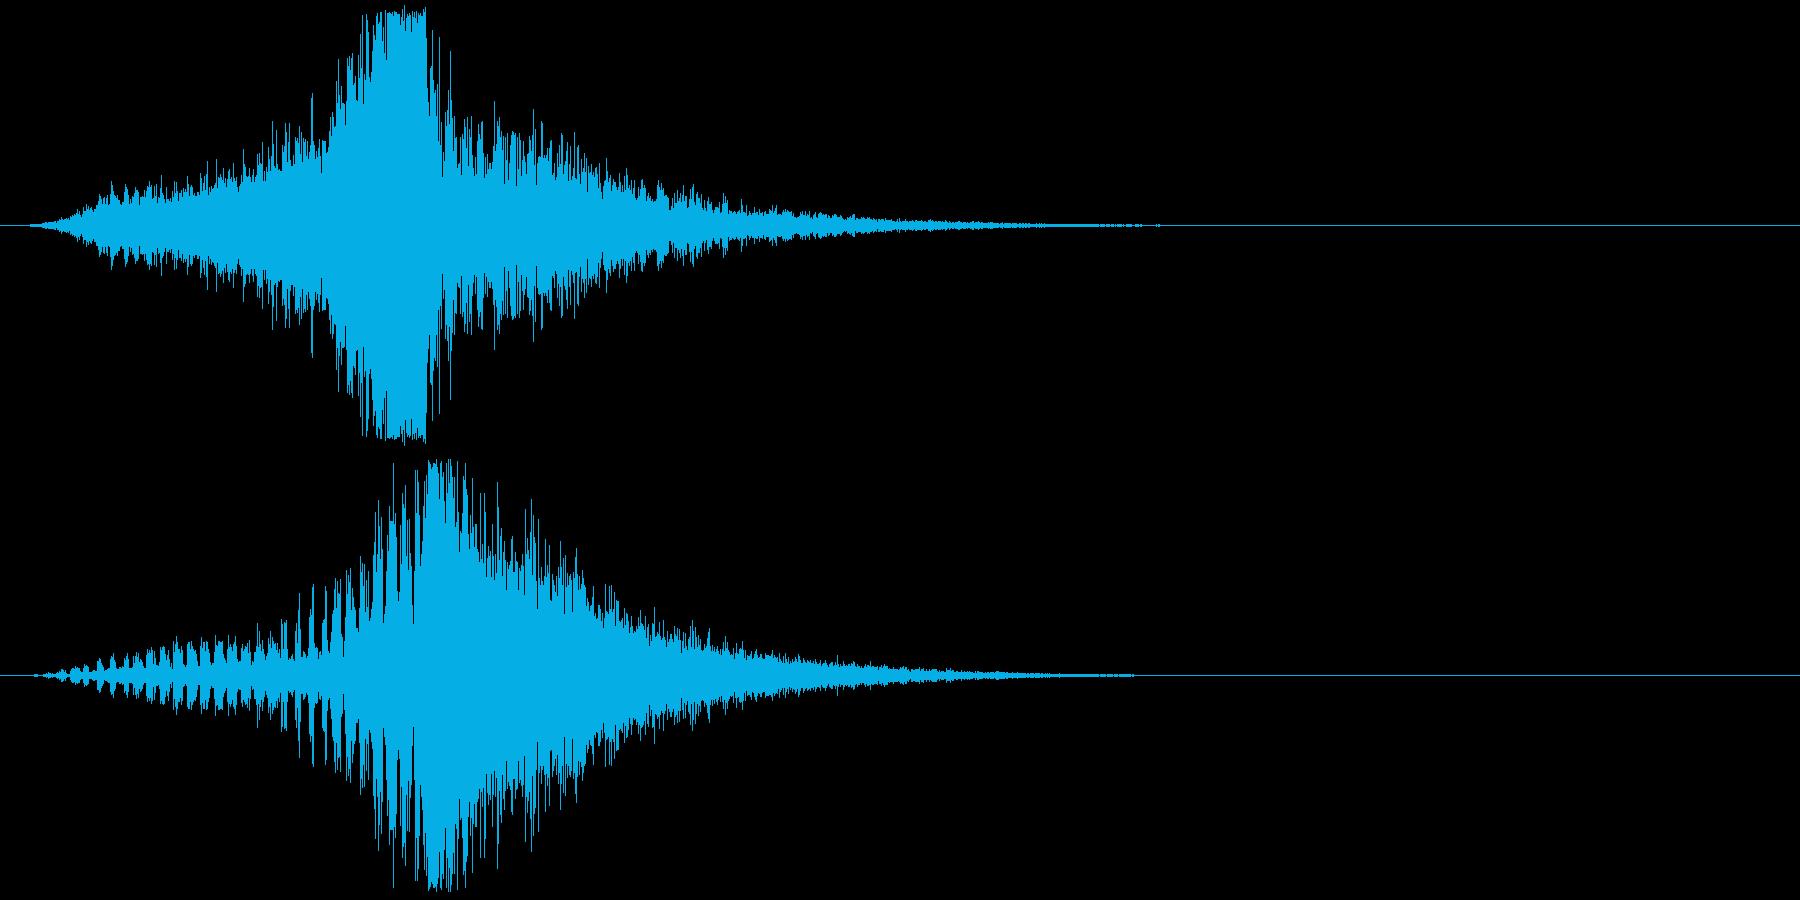 宇宙船・飛翔体#3通過 左〜右の再生済みの波形